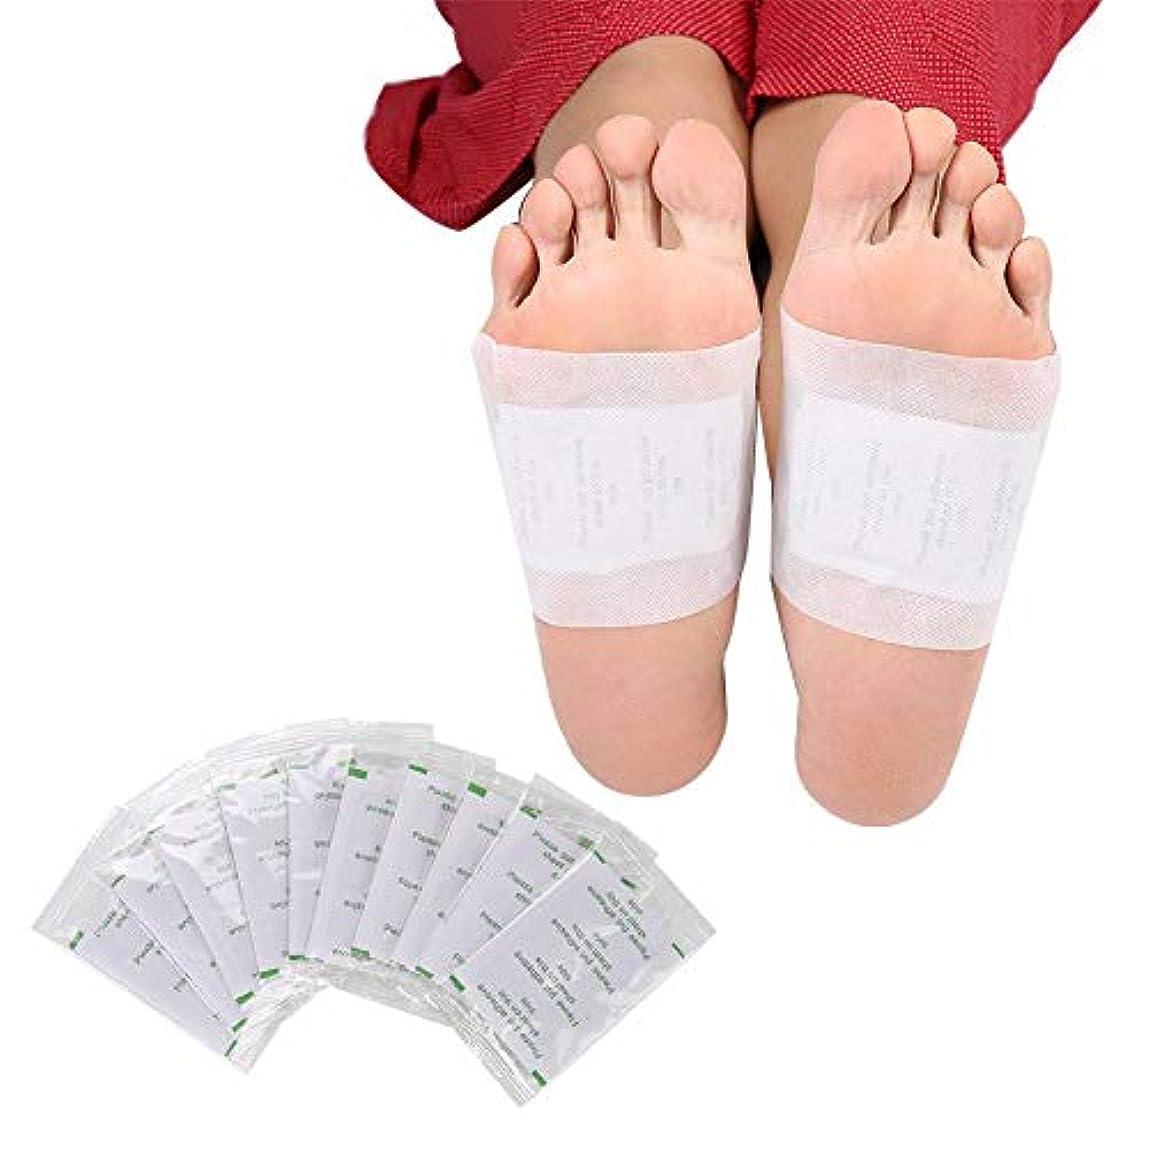 僕の弱い群衆ボディデトックスフットパッチ、女性と男性の看護の足に最適なヘルスケアフット接着パッド除去毒素ストレス回復